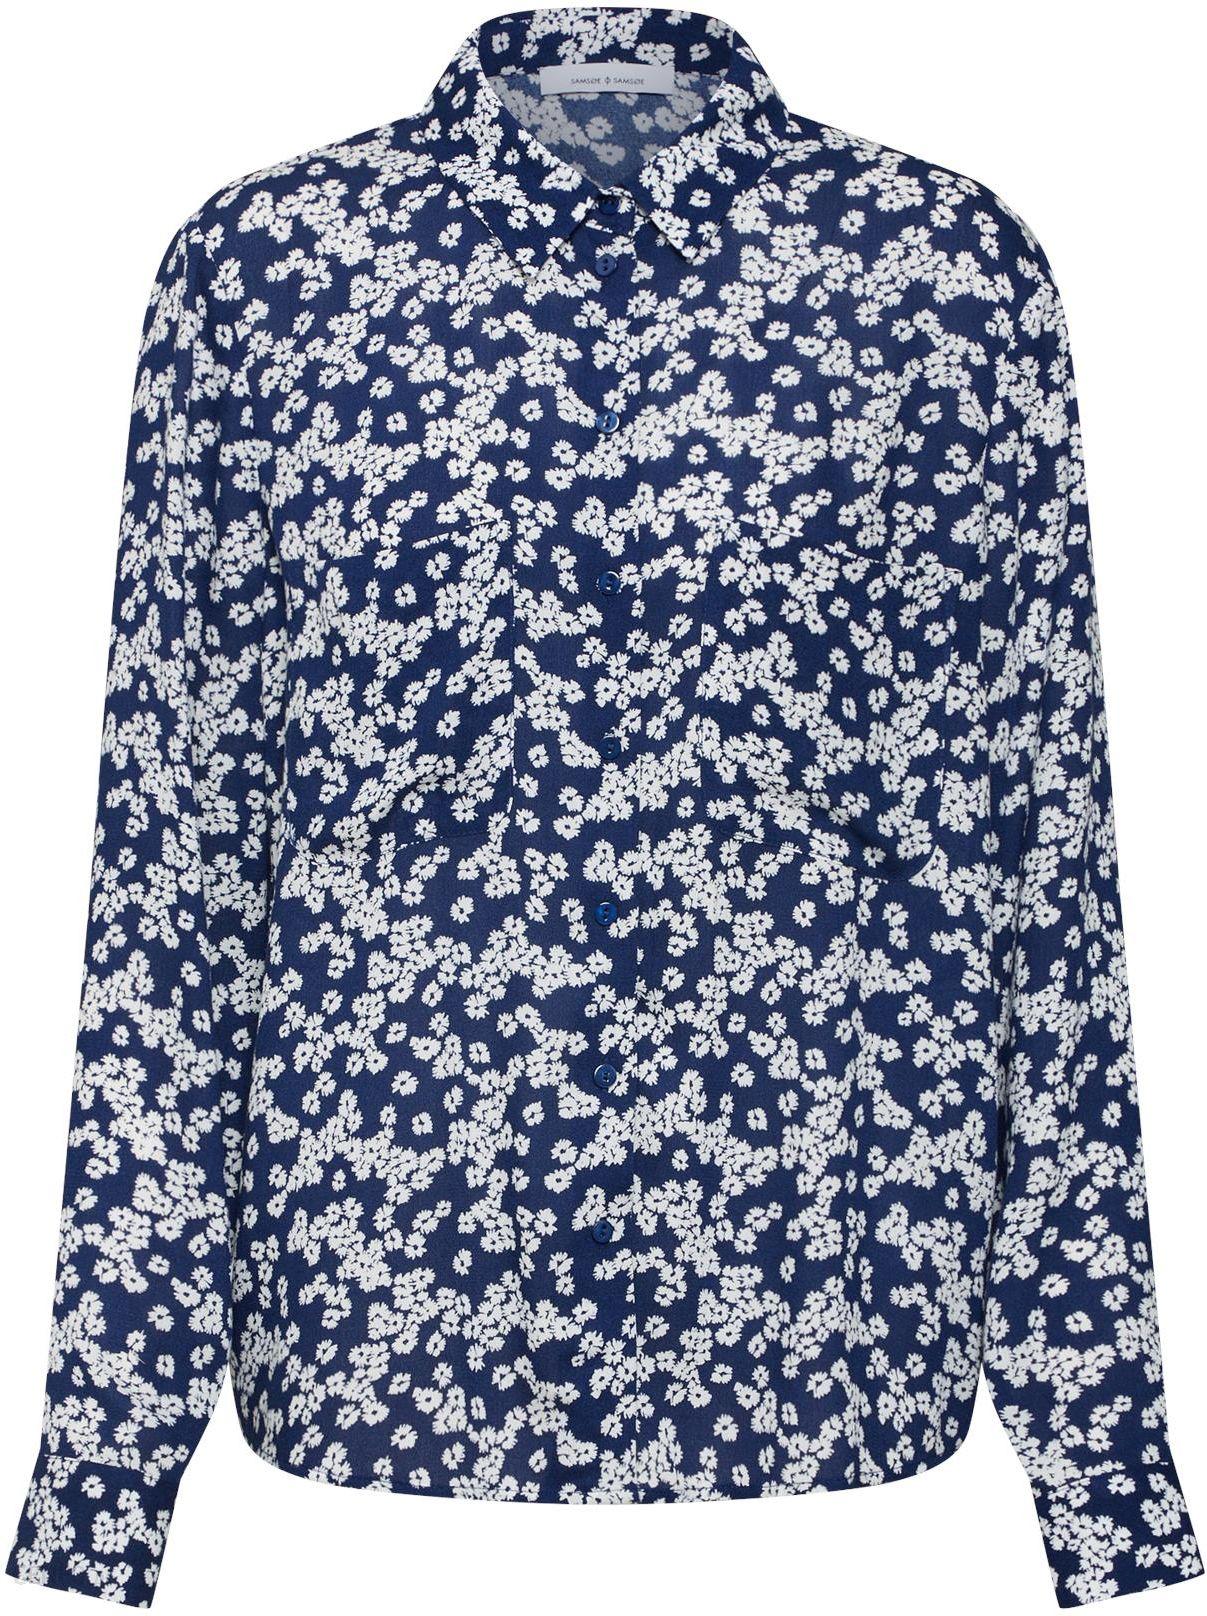 2084dcf693e9 Samsoe & Samsoe Bluzka 'Milly shirt aop 7201' - Ceny i opinie - Ceneo.pl